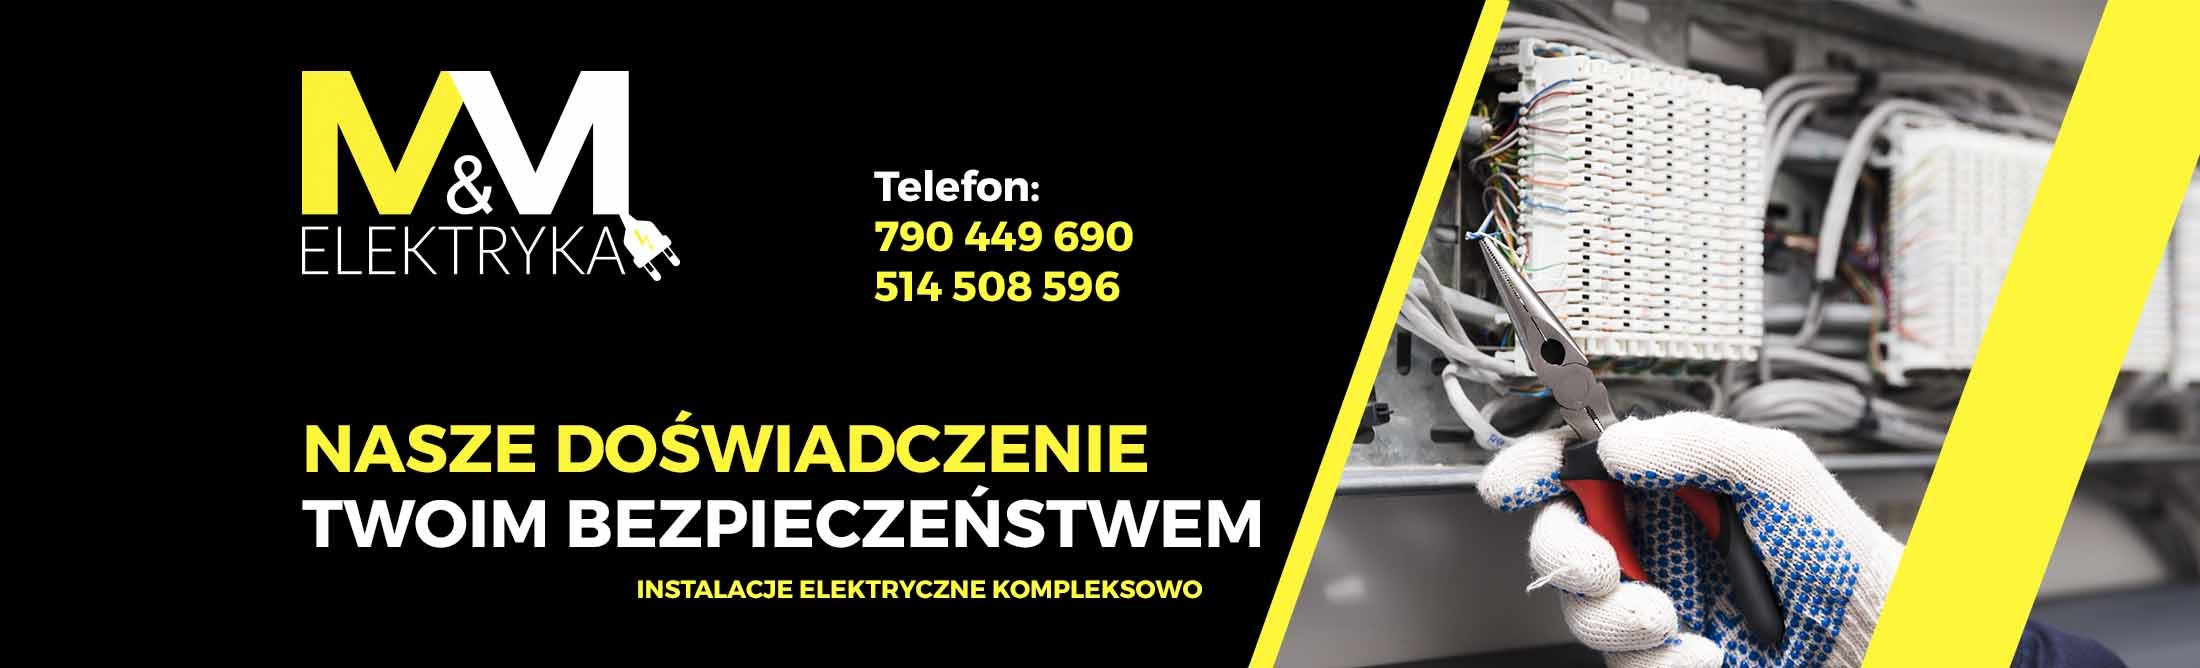 M&M Elektryka - Elektryk - Instalacje elektryczne